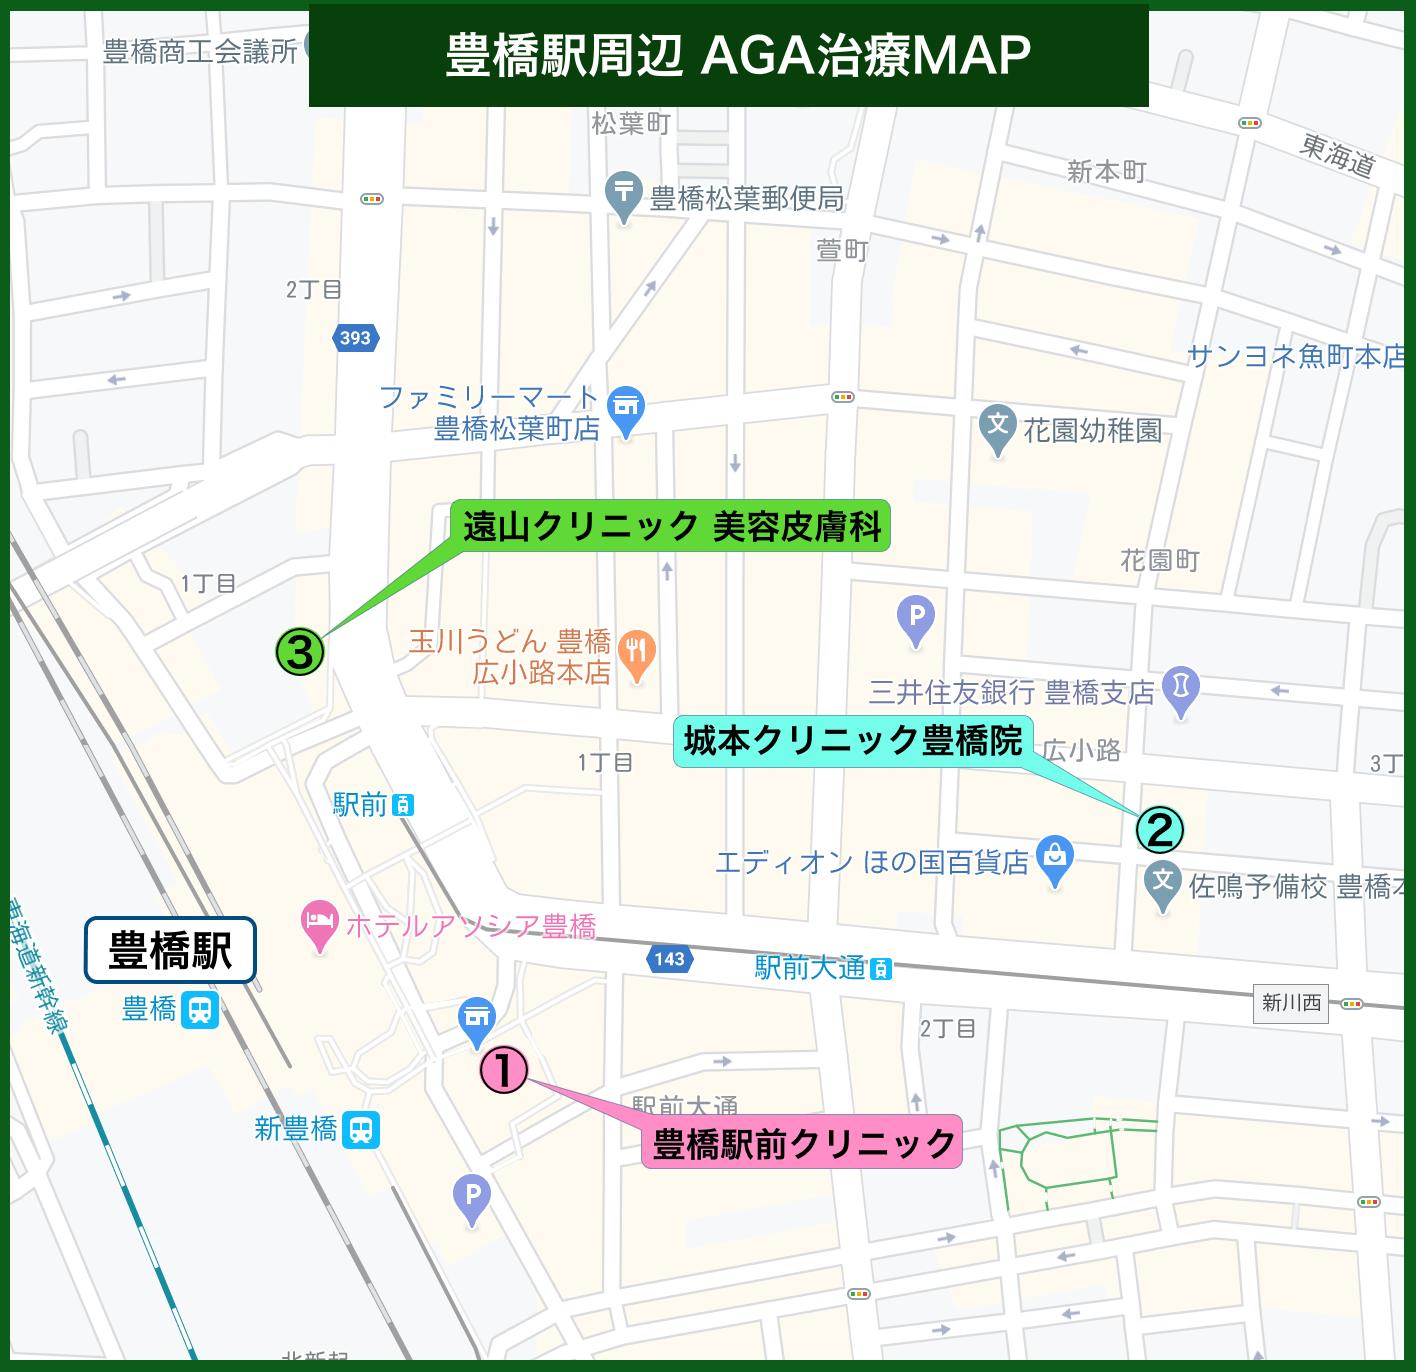 豊橋駅周辺 AGA治療MAP